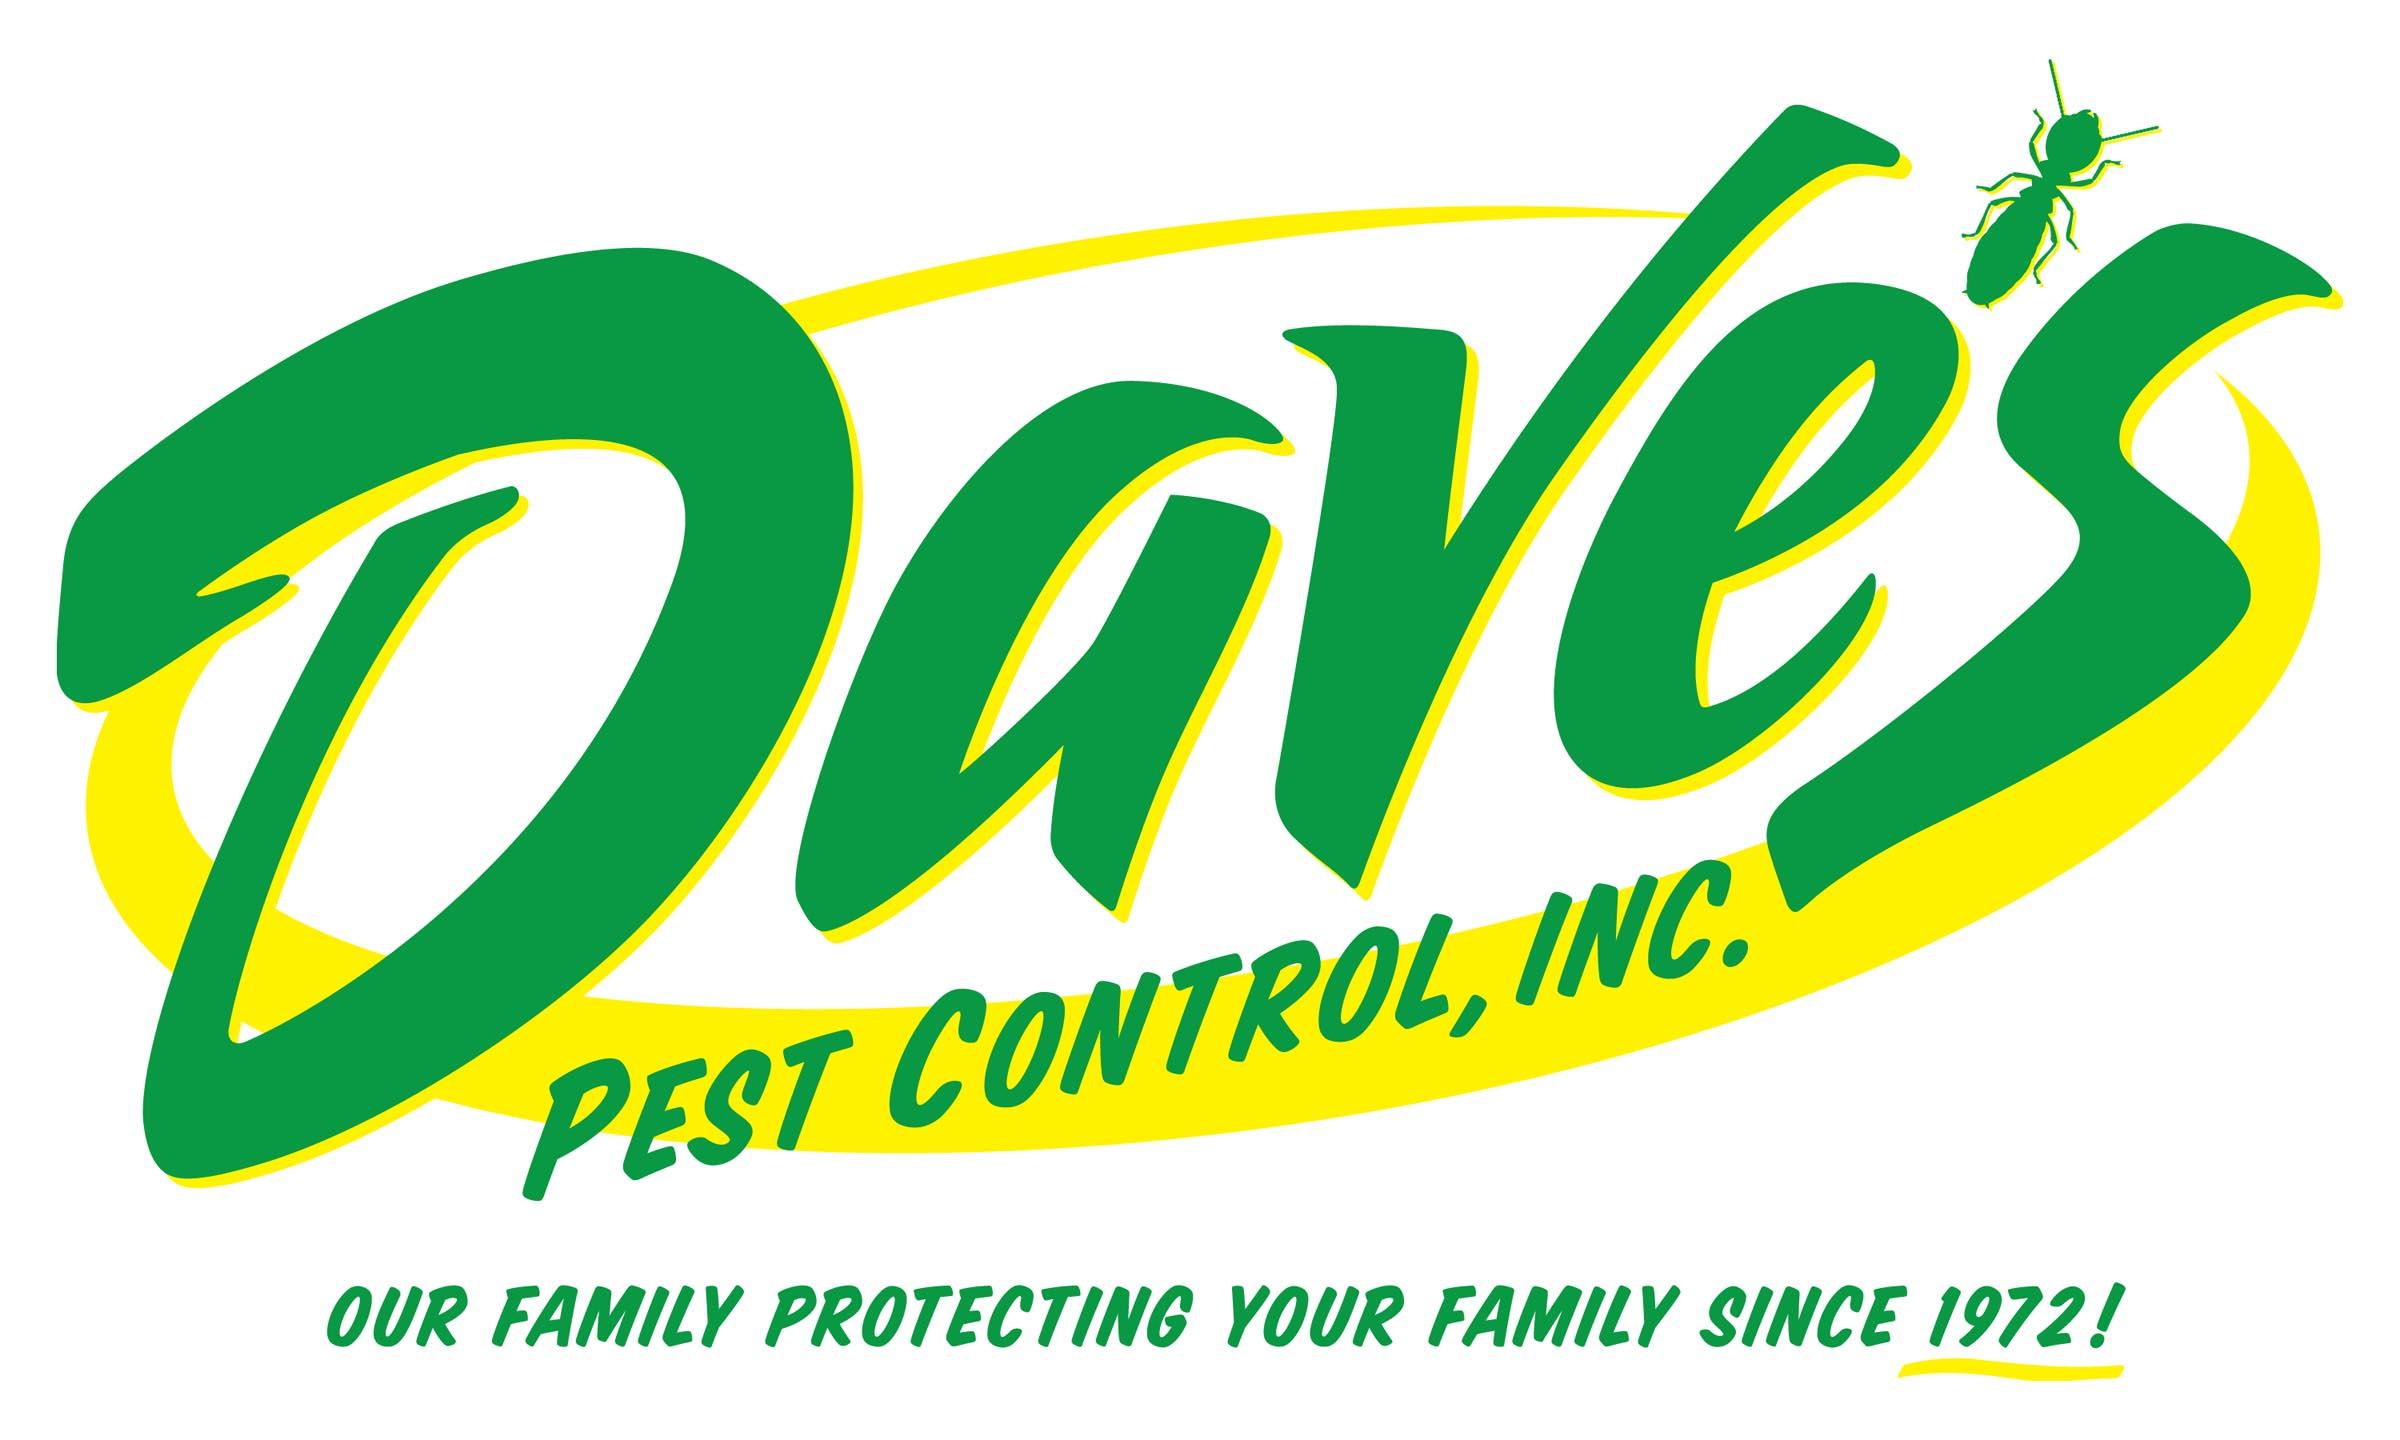 Sponsor Dave's Pest Control